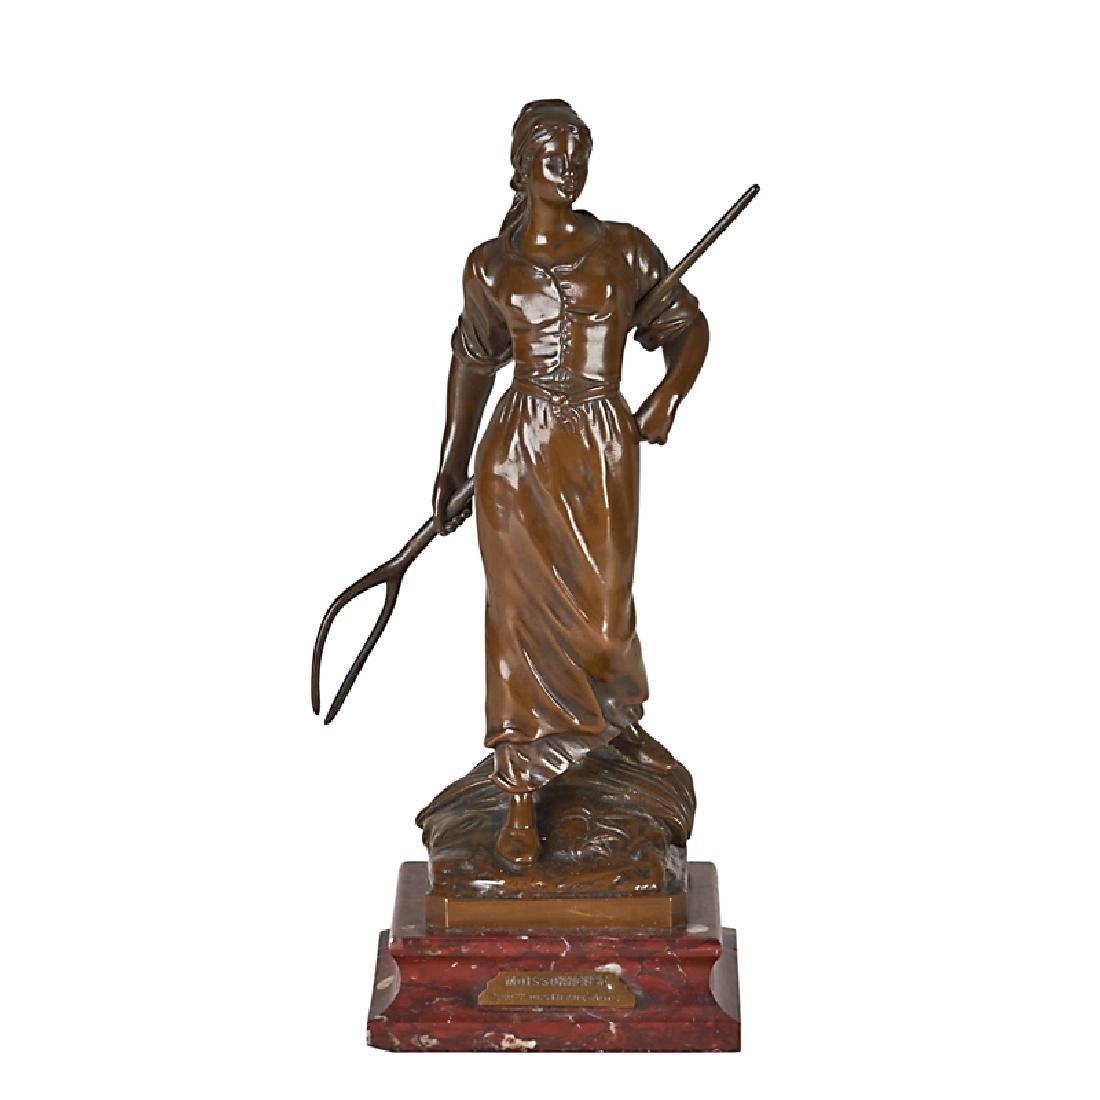 EDOUARD DROUOT (French, 1859-1945)